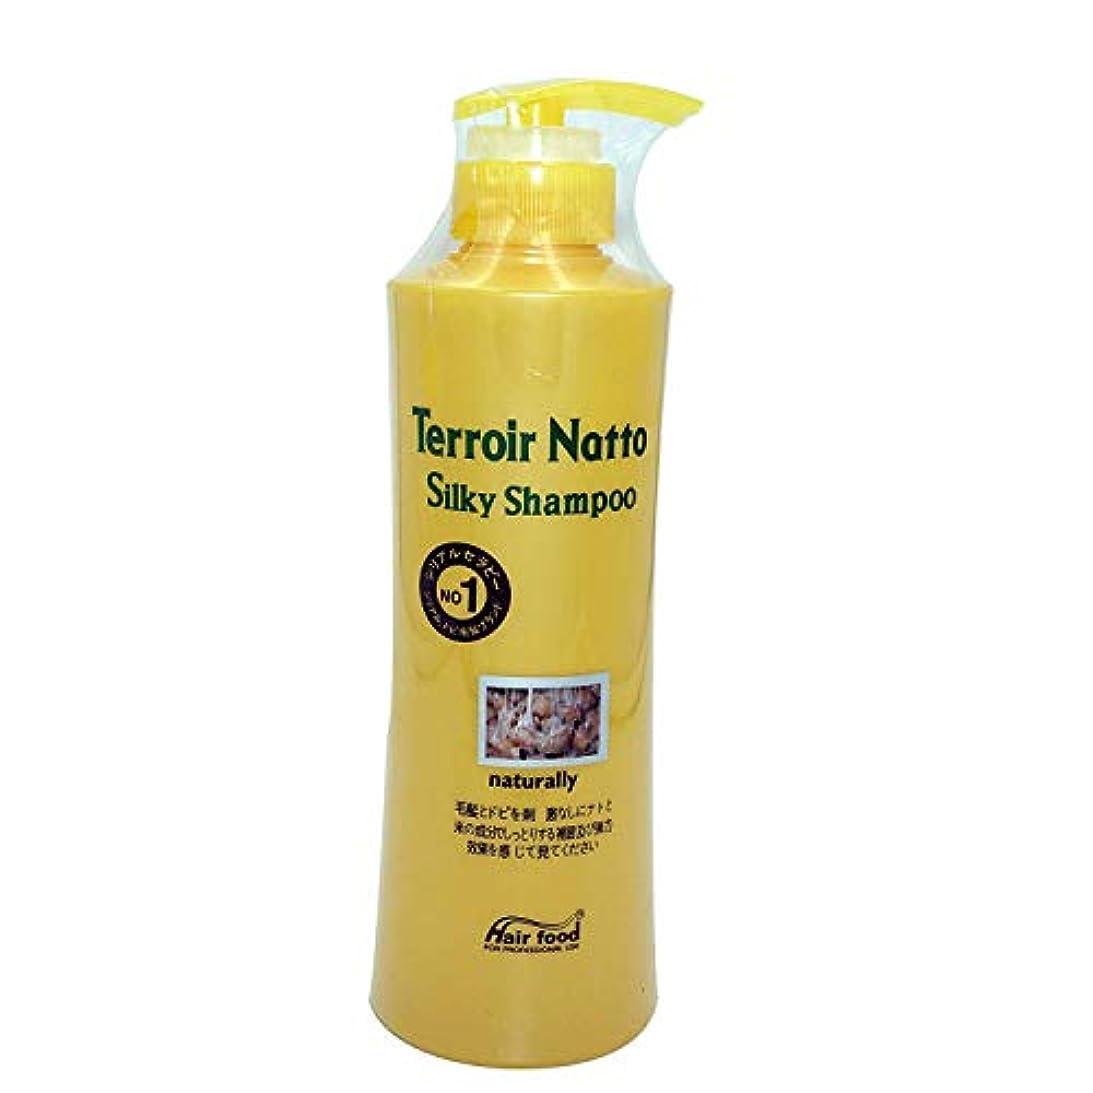 スーツケースフリル垂直Hair food テロワール納豆シルキーシャンプー500ml、乾燥薄毛とセンシティブな頭皮用 - ビタミンタンパクによる弾力ヘア (Terroir Natto Silky Shampoo 500ml for Dry Thin Hair and Sensitive Scalp - Elastic Hair by Vitamin Protein)[並行輸入品]